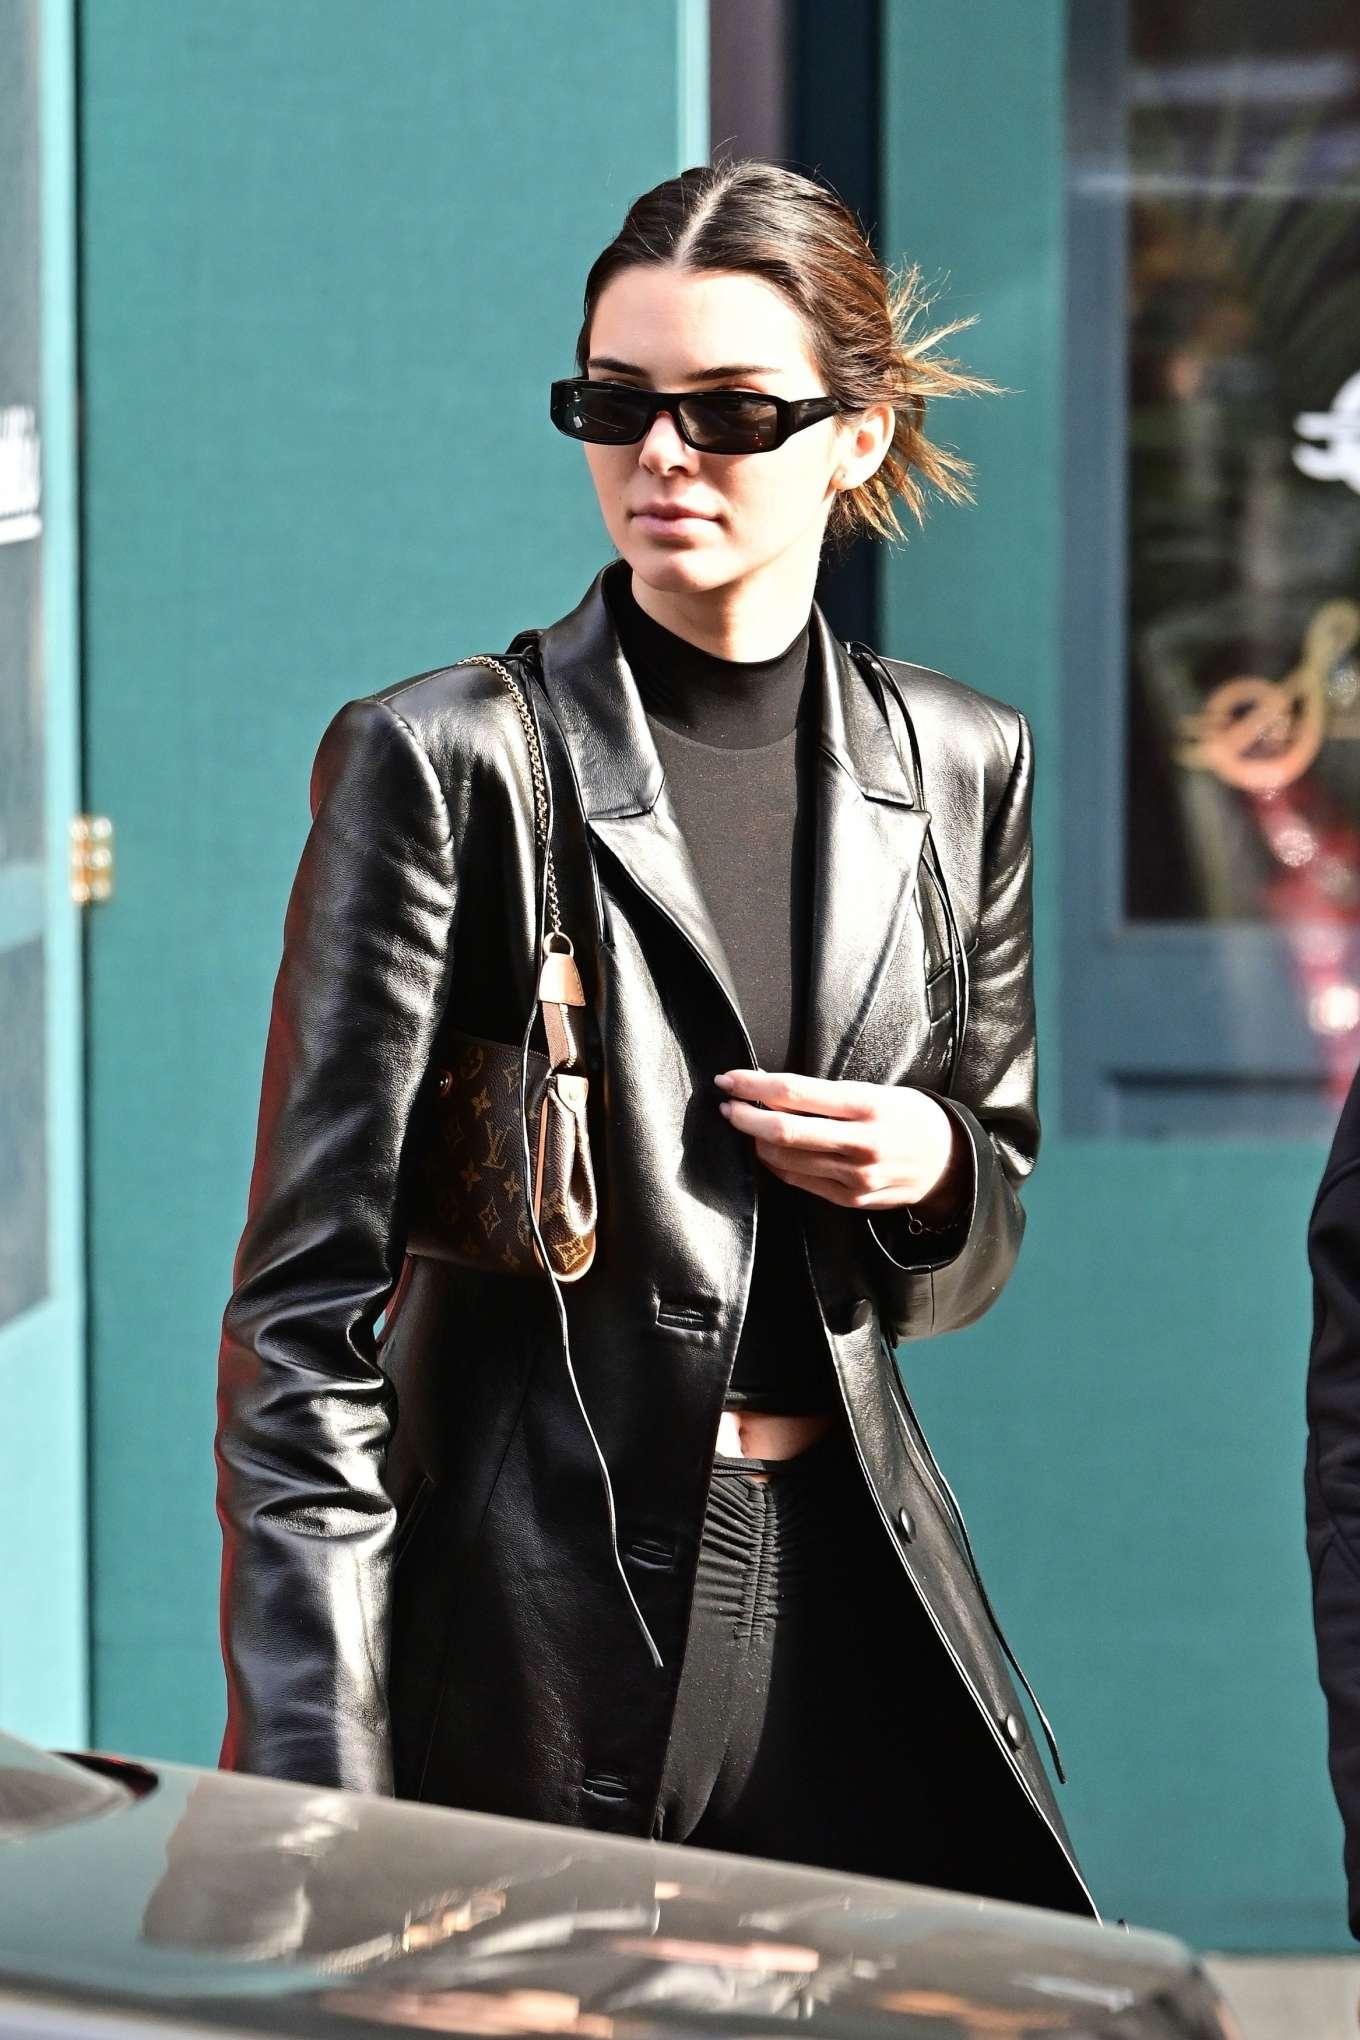 Kendall Jenner - Is seen leaving Sadelle's restaurant in SoHo